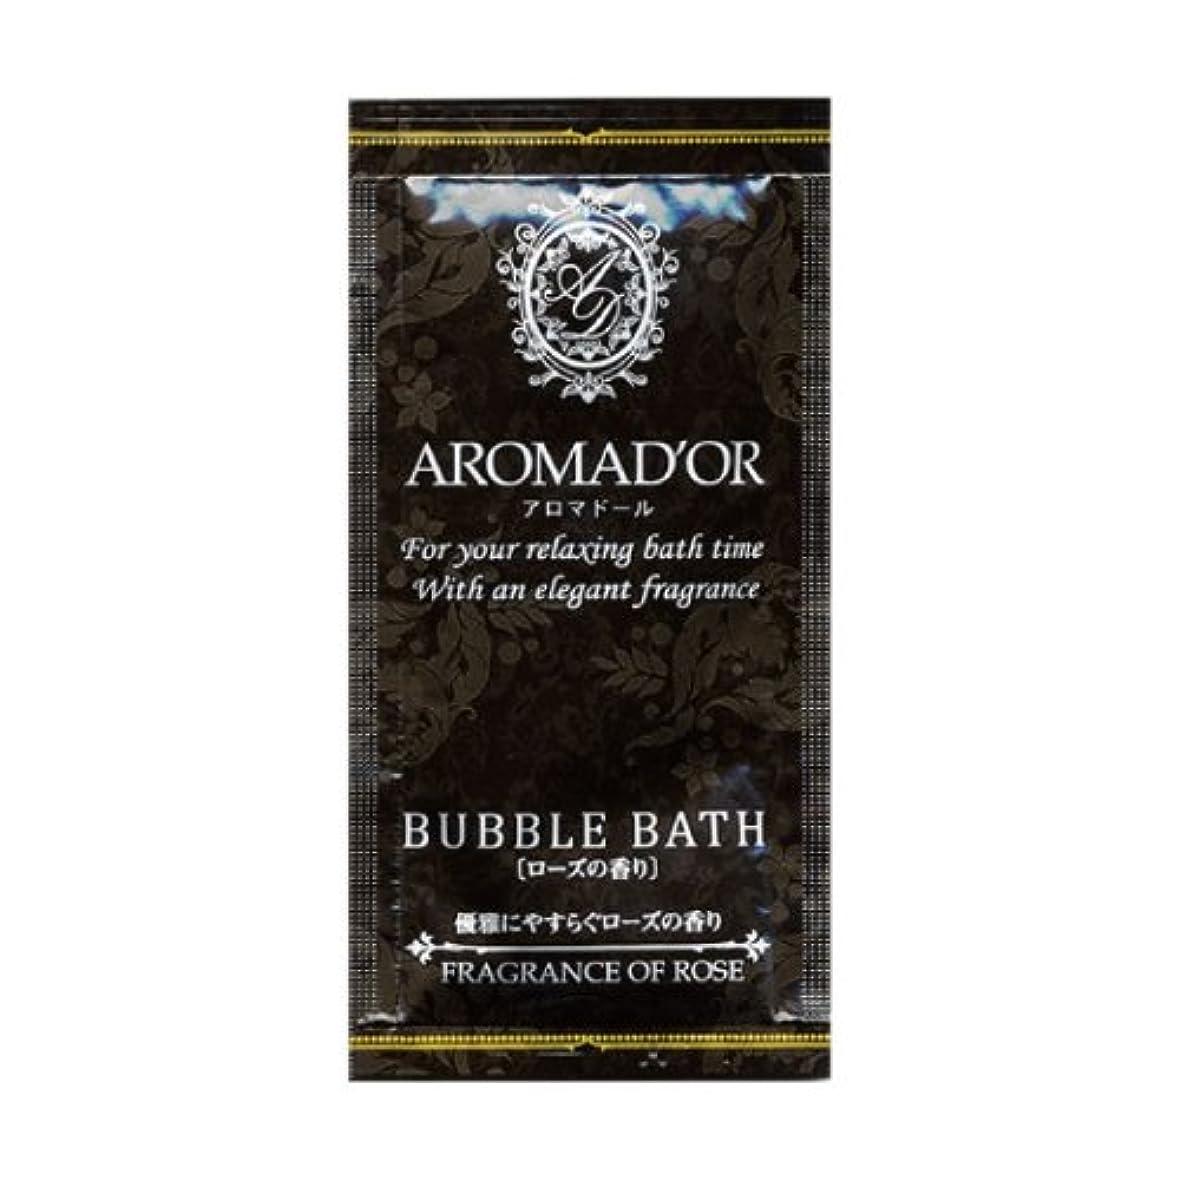 ラジカル賢明な子供時代アロマドール バブルバス ローズの香り×12個セット